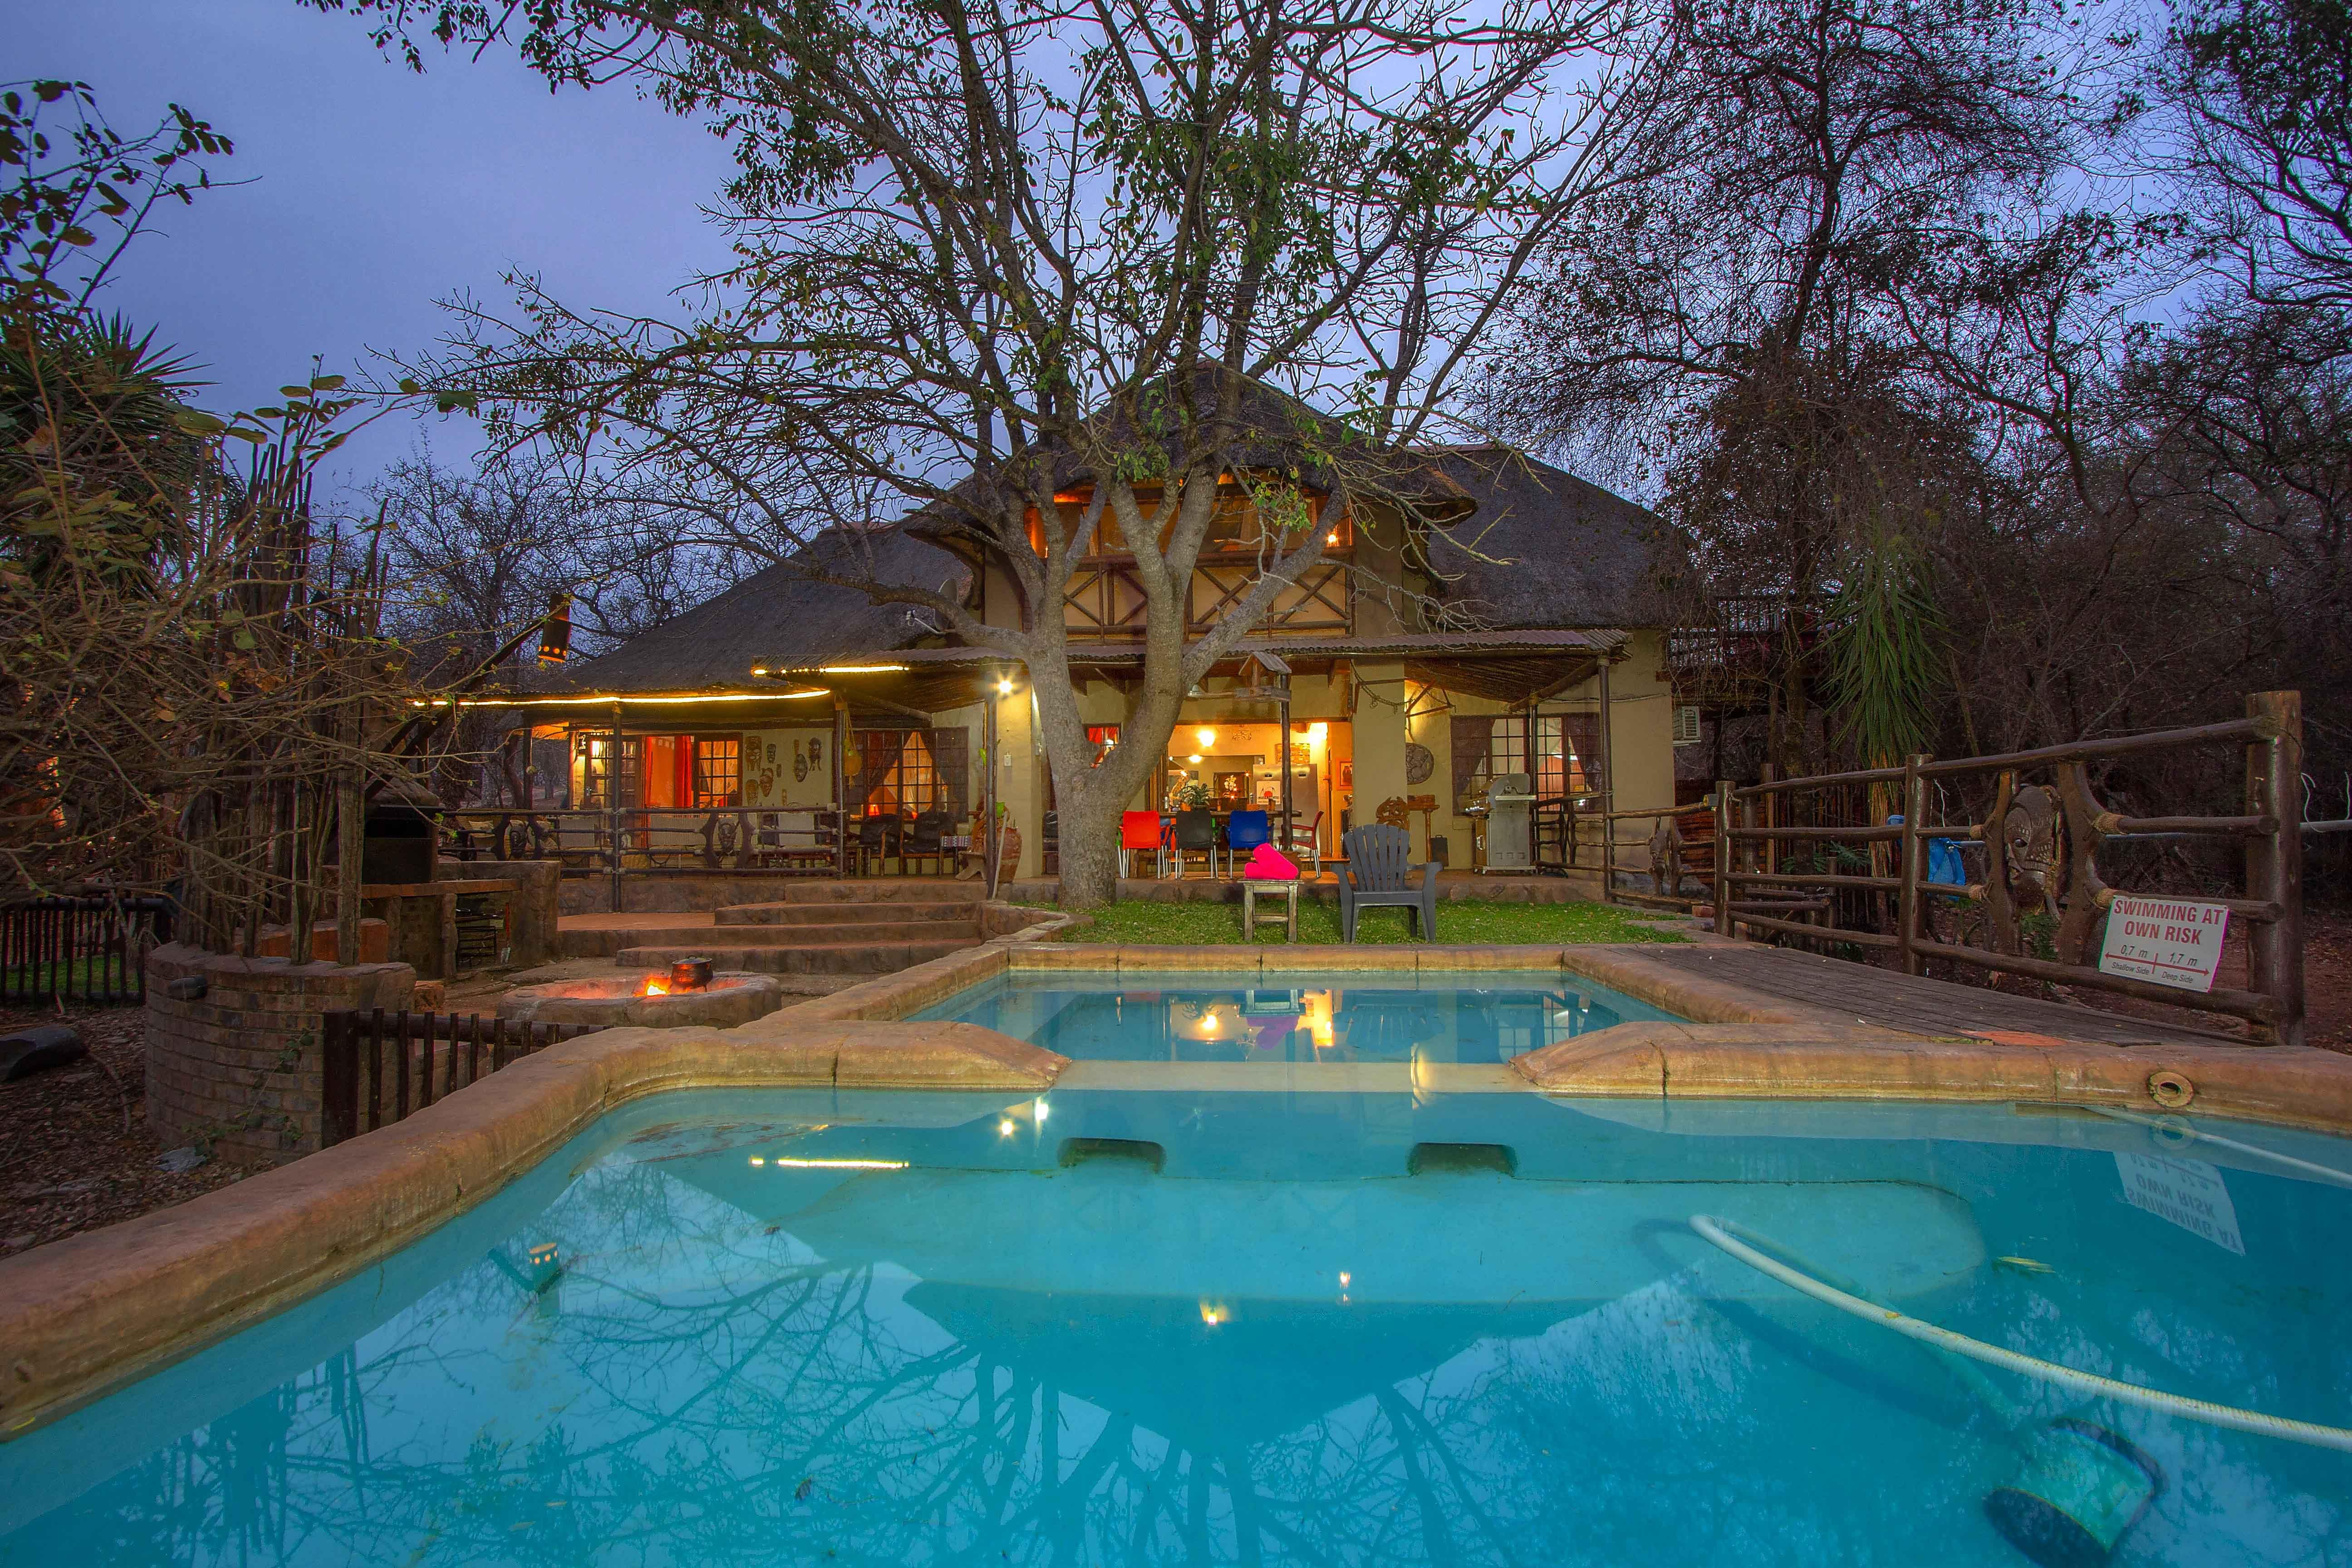 Schones Ferienhaus grenzt an den Kruger Nationalpa Ferienhaus in Südafrika